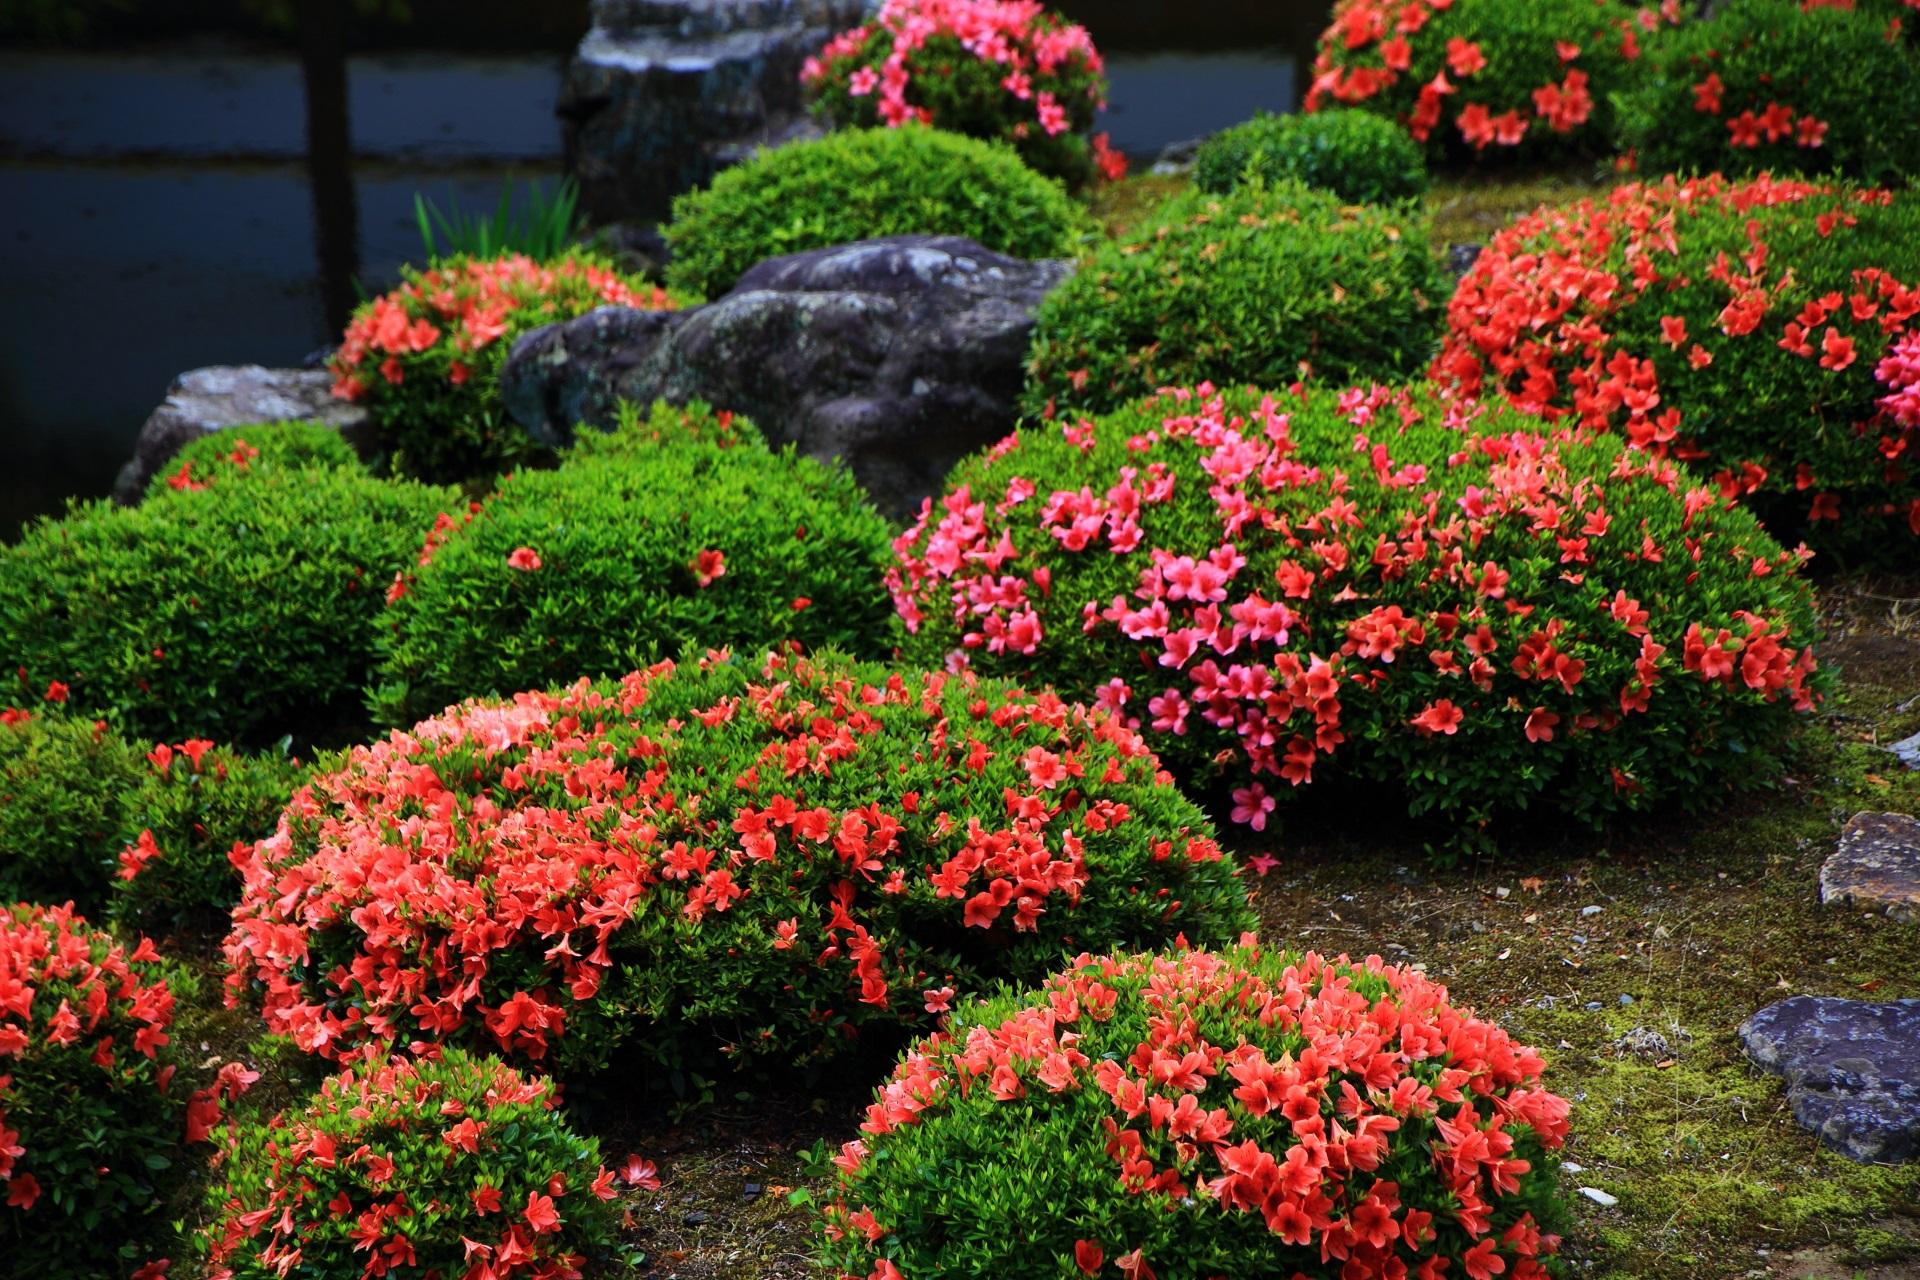 鮮やかな緑に映える煌びやかなピンクや朱色のサツキの花